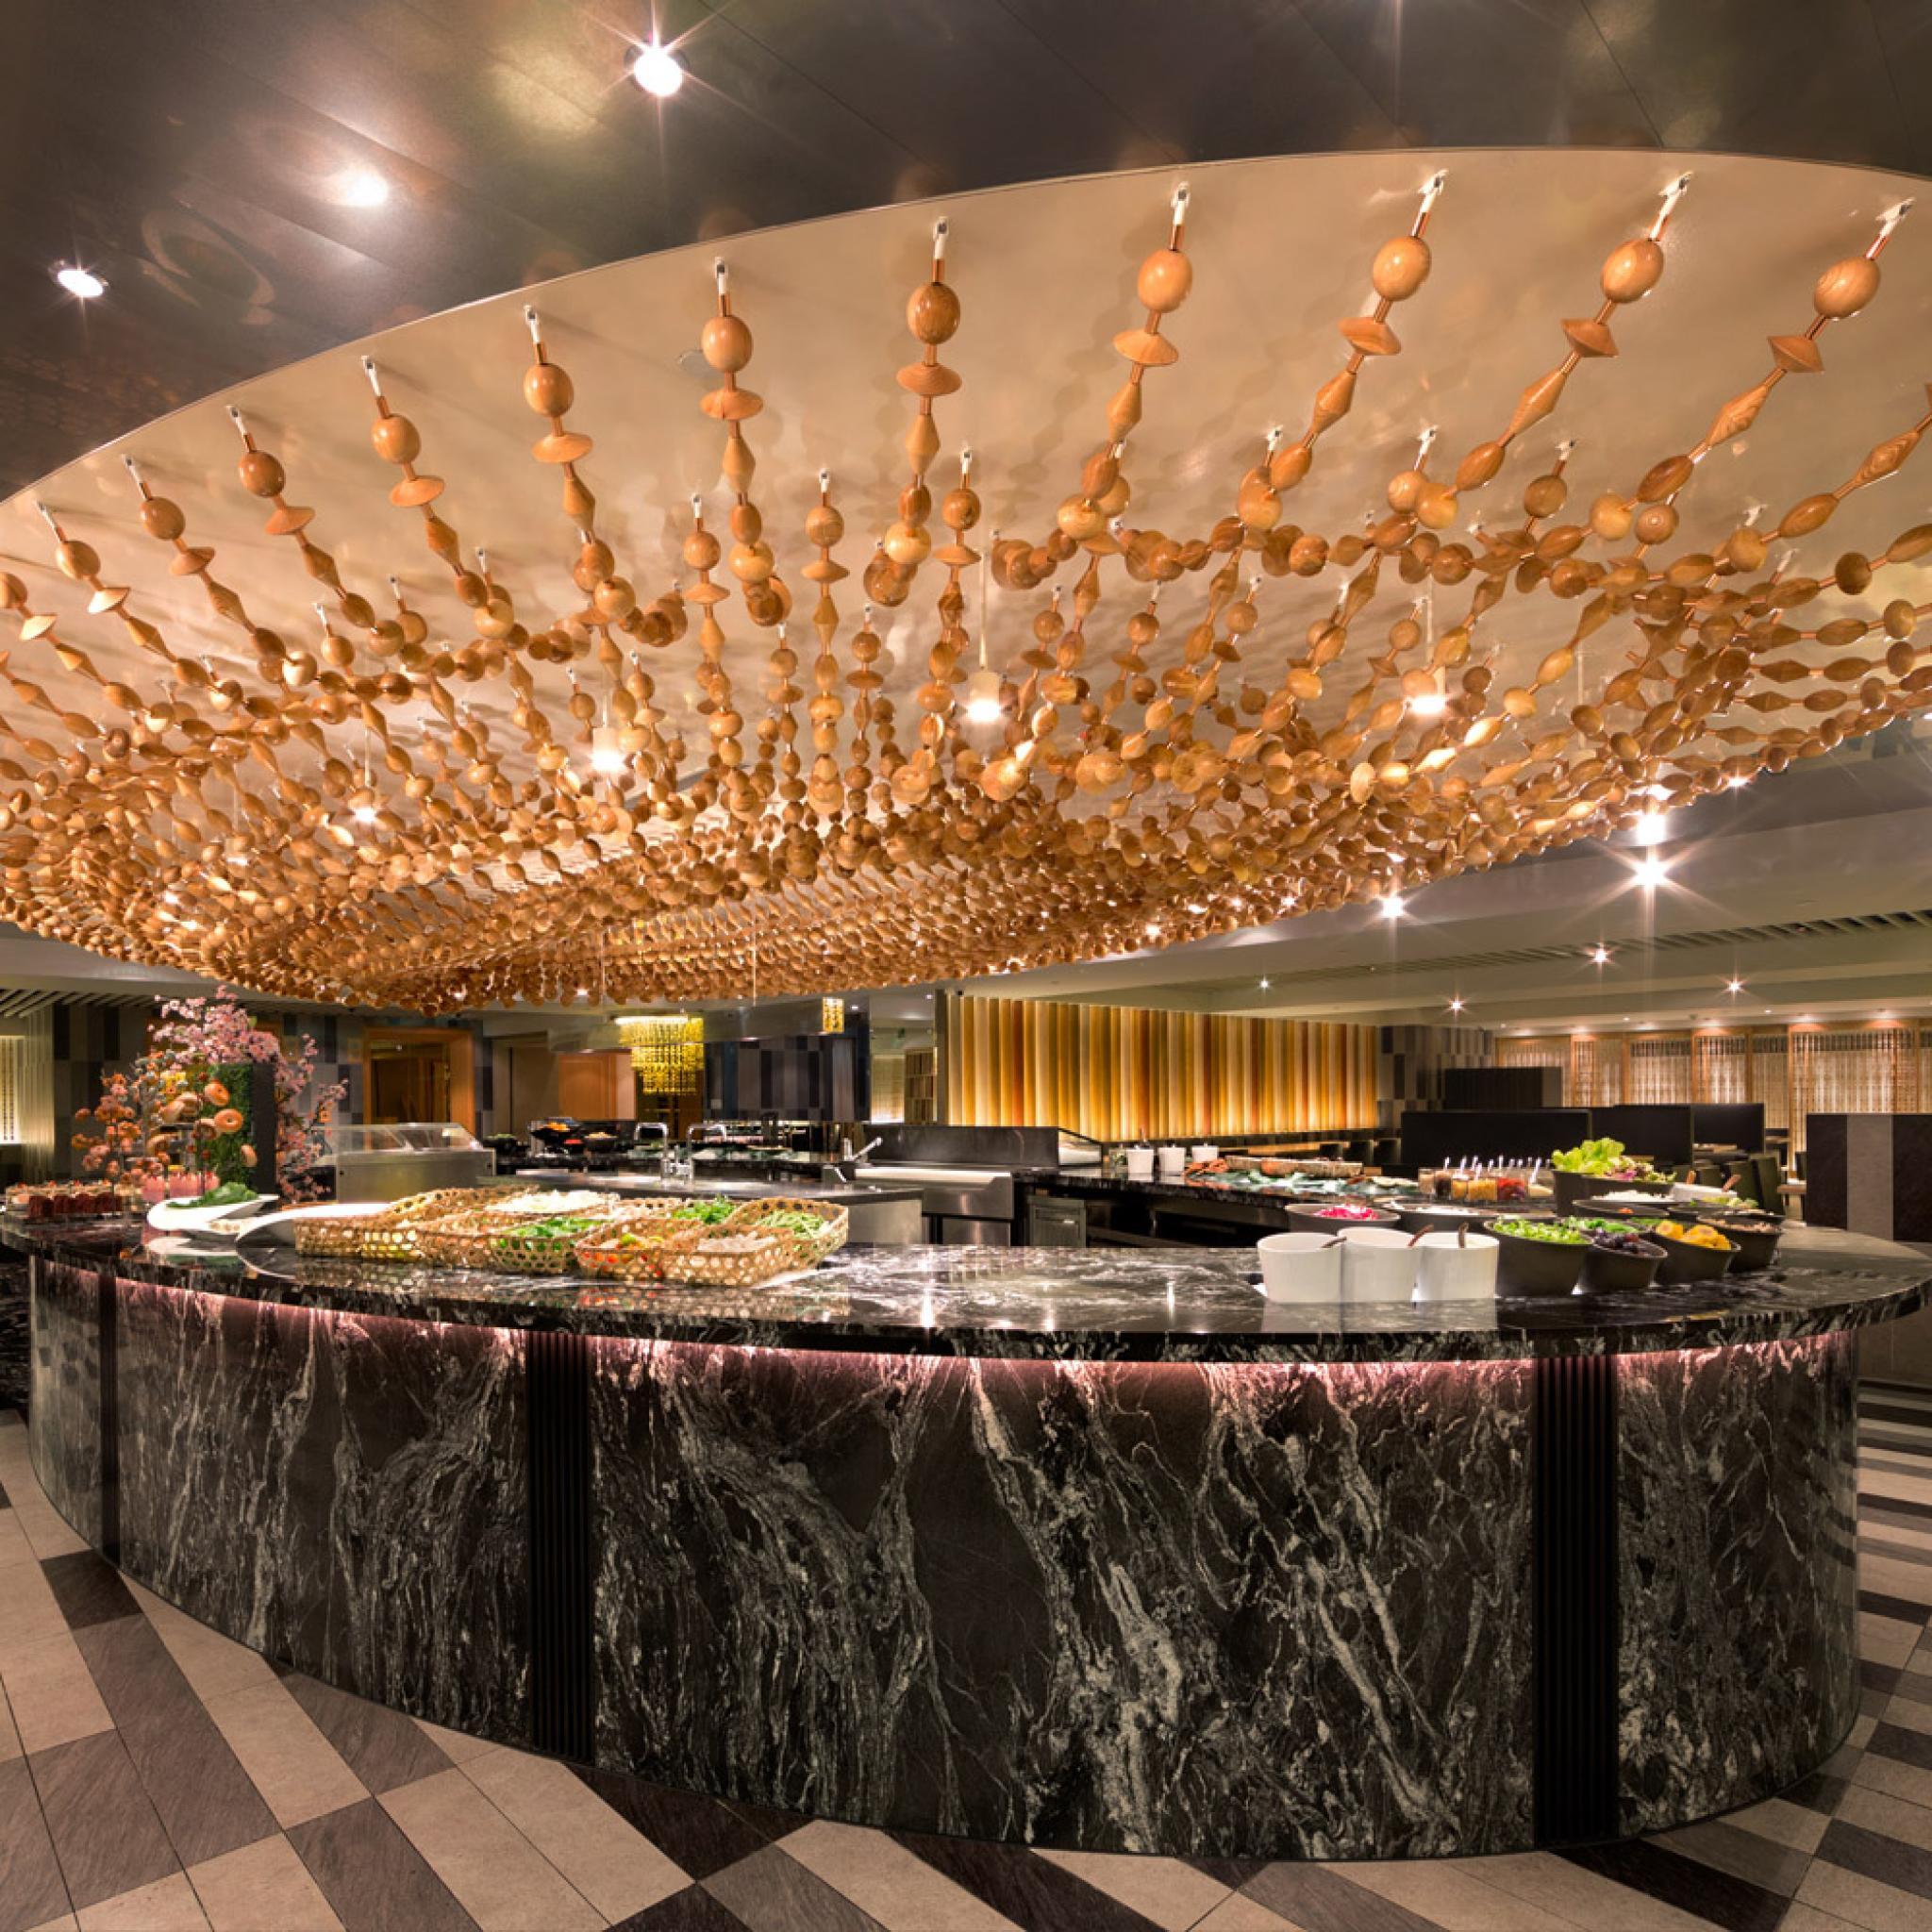 【電子票券】台北西華飯店B-one餐廳2人自助式吃到飽早餐券(假日不加價)